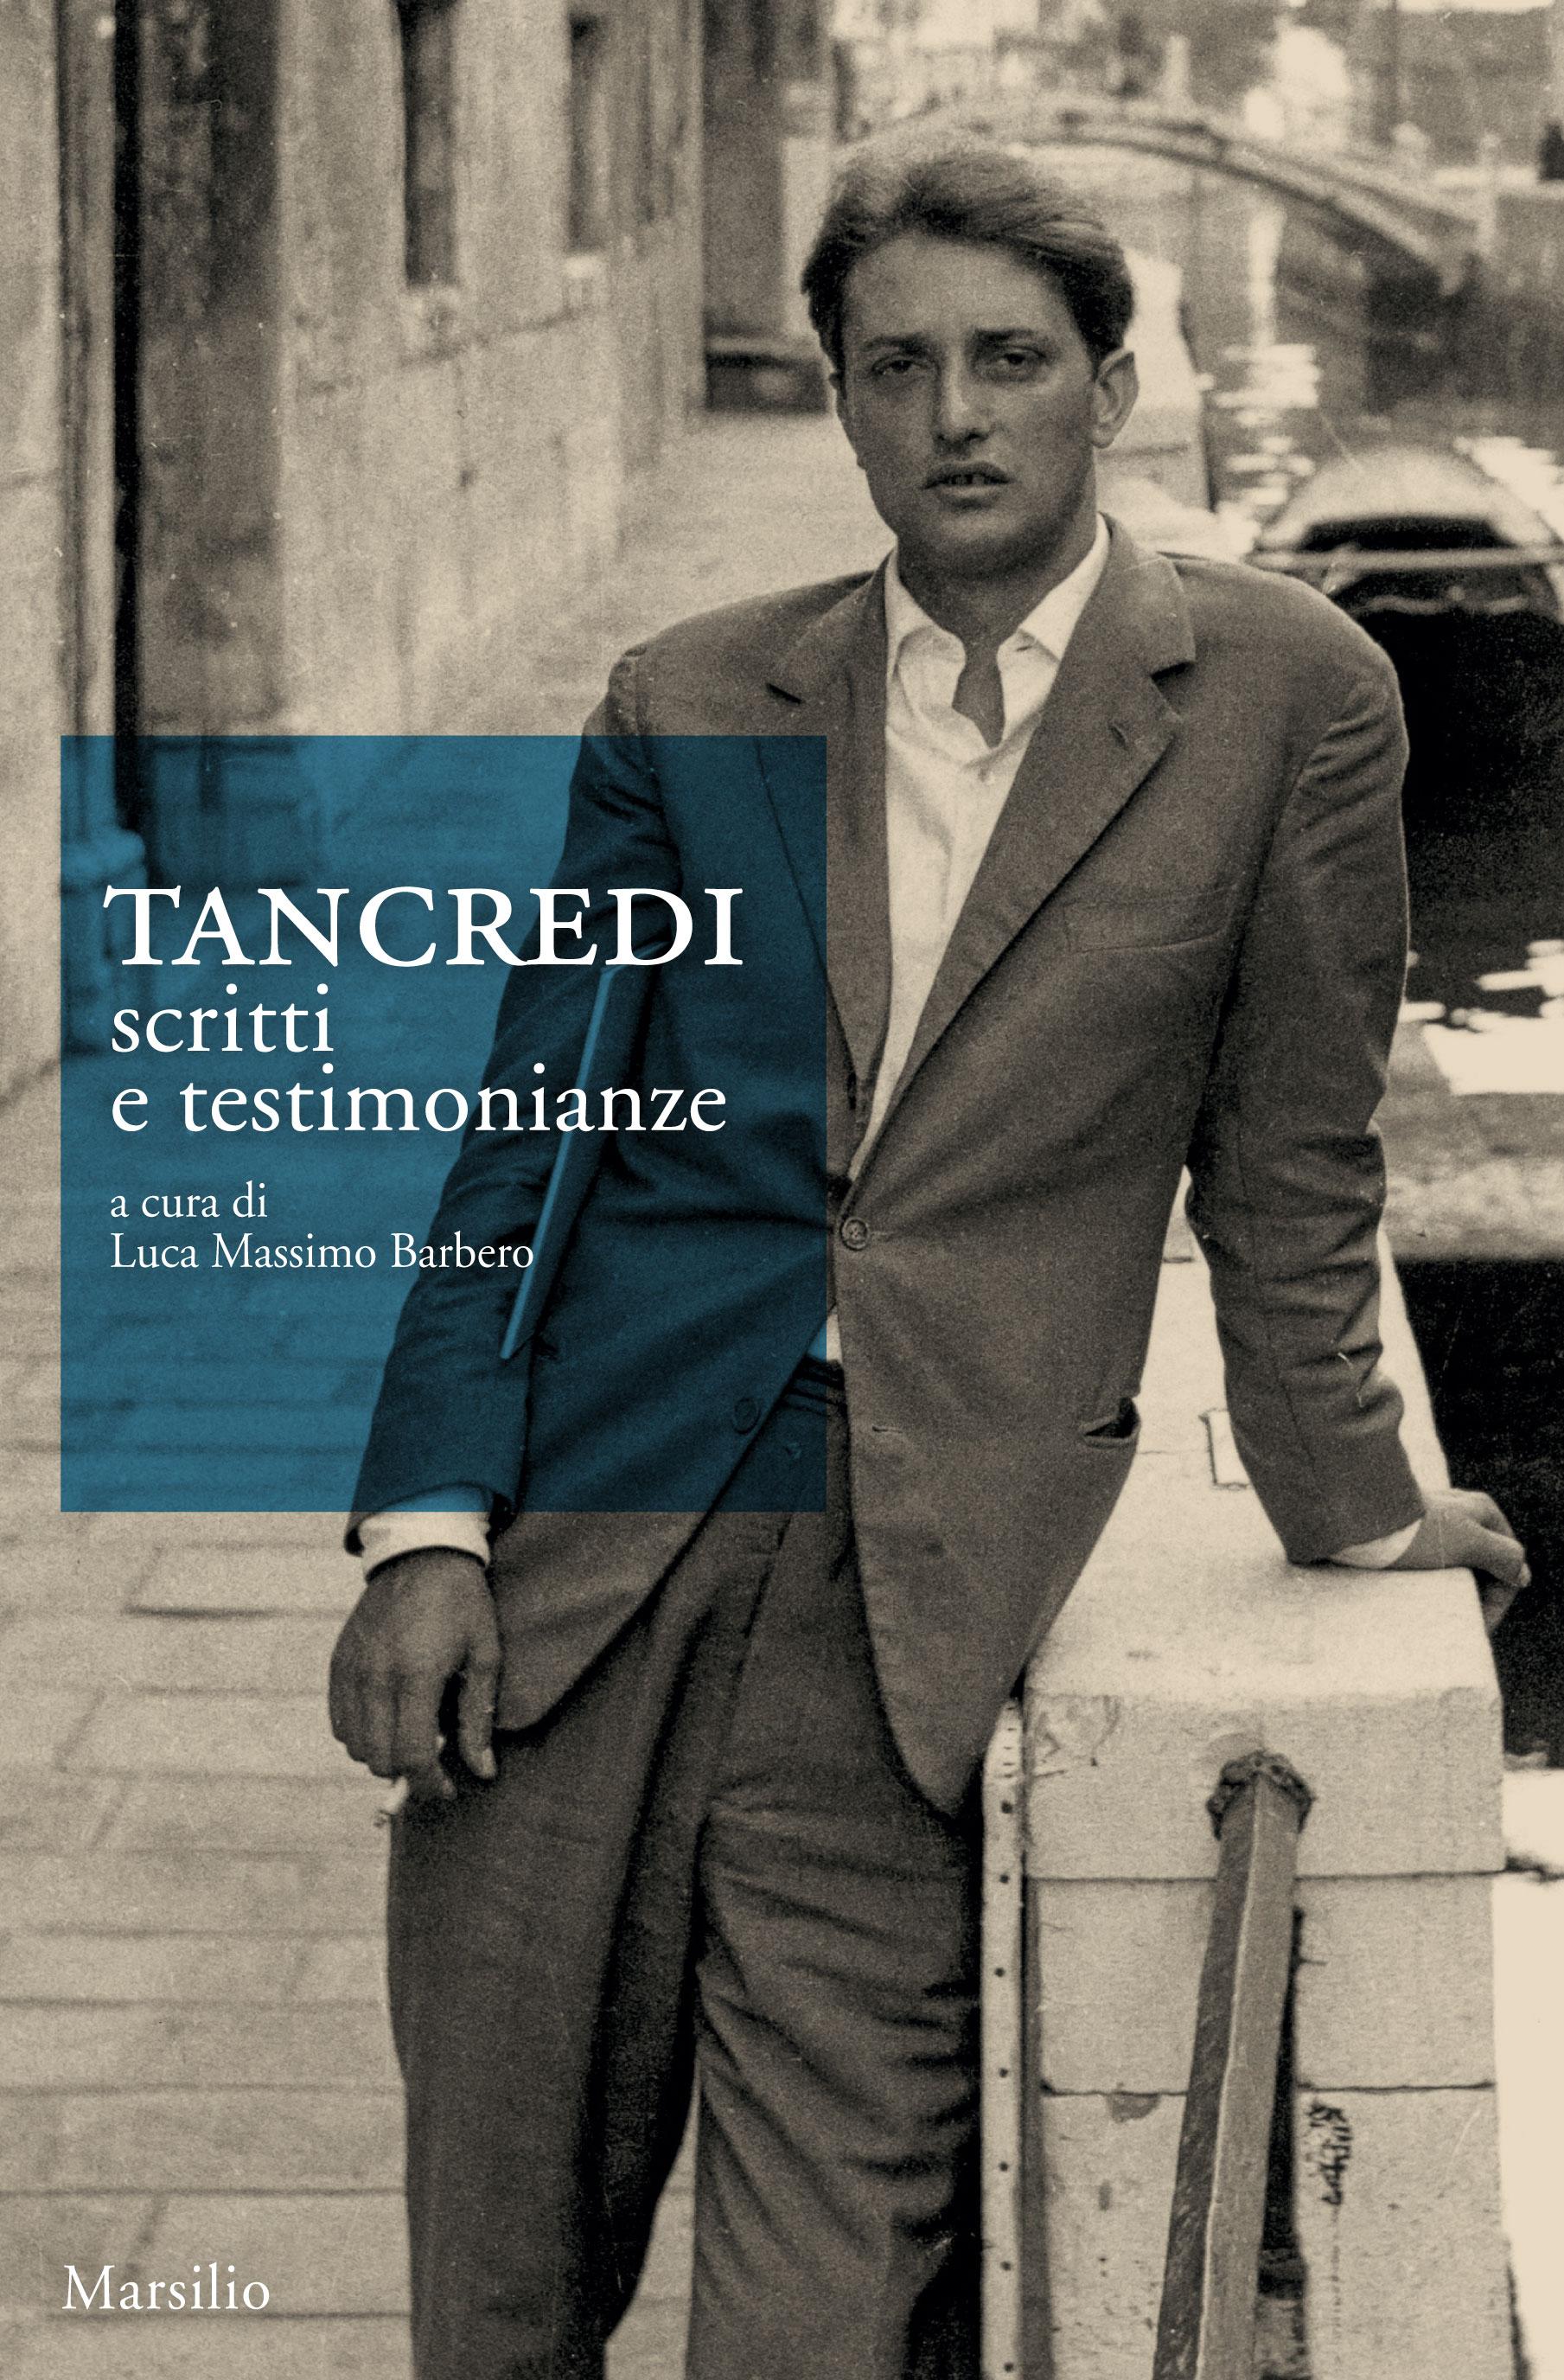 Tancredi. Scritti e testimonianze